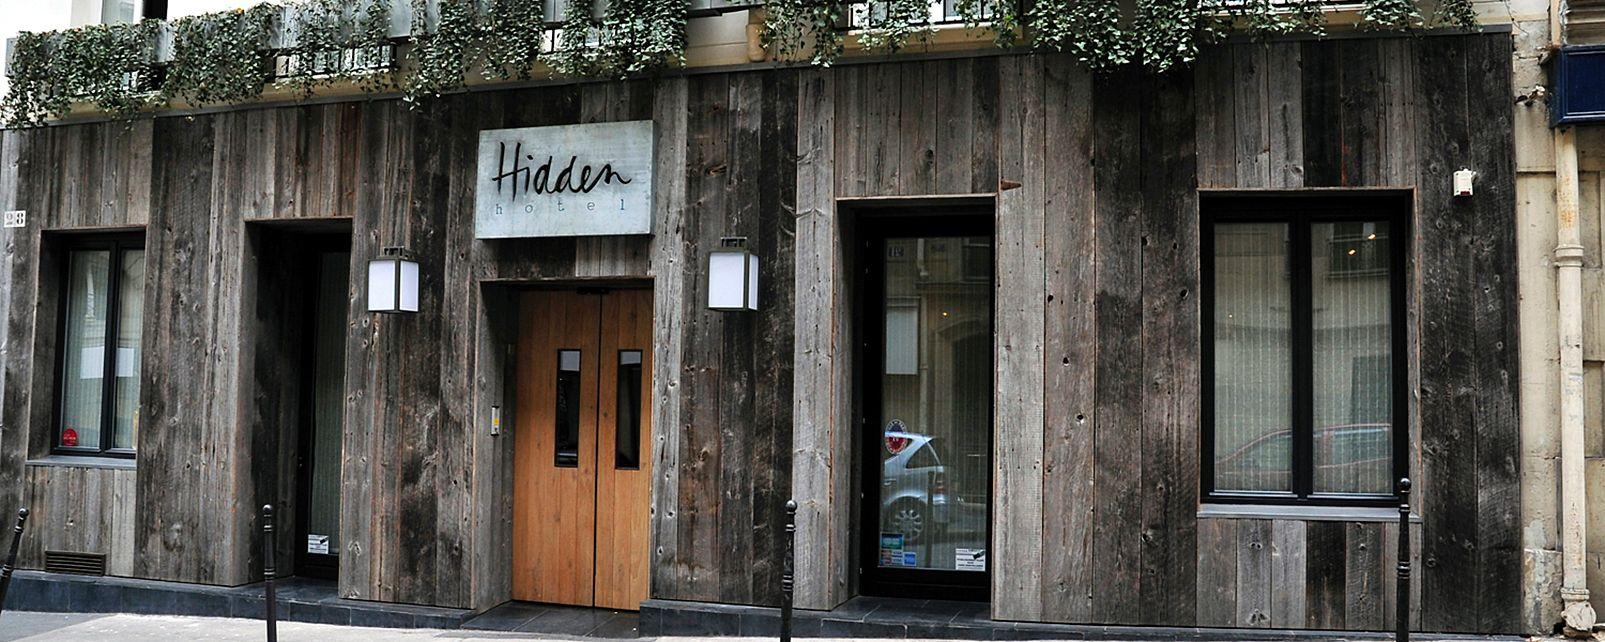 Hôtel Hidden Hotel